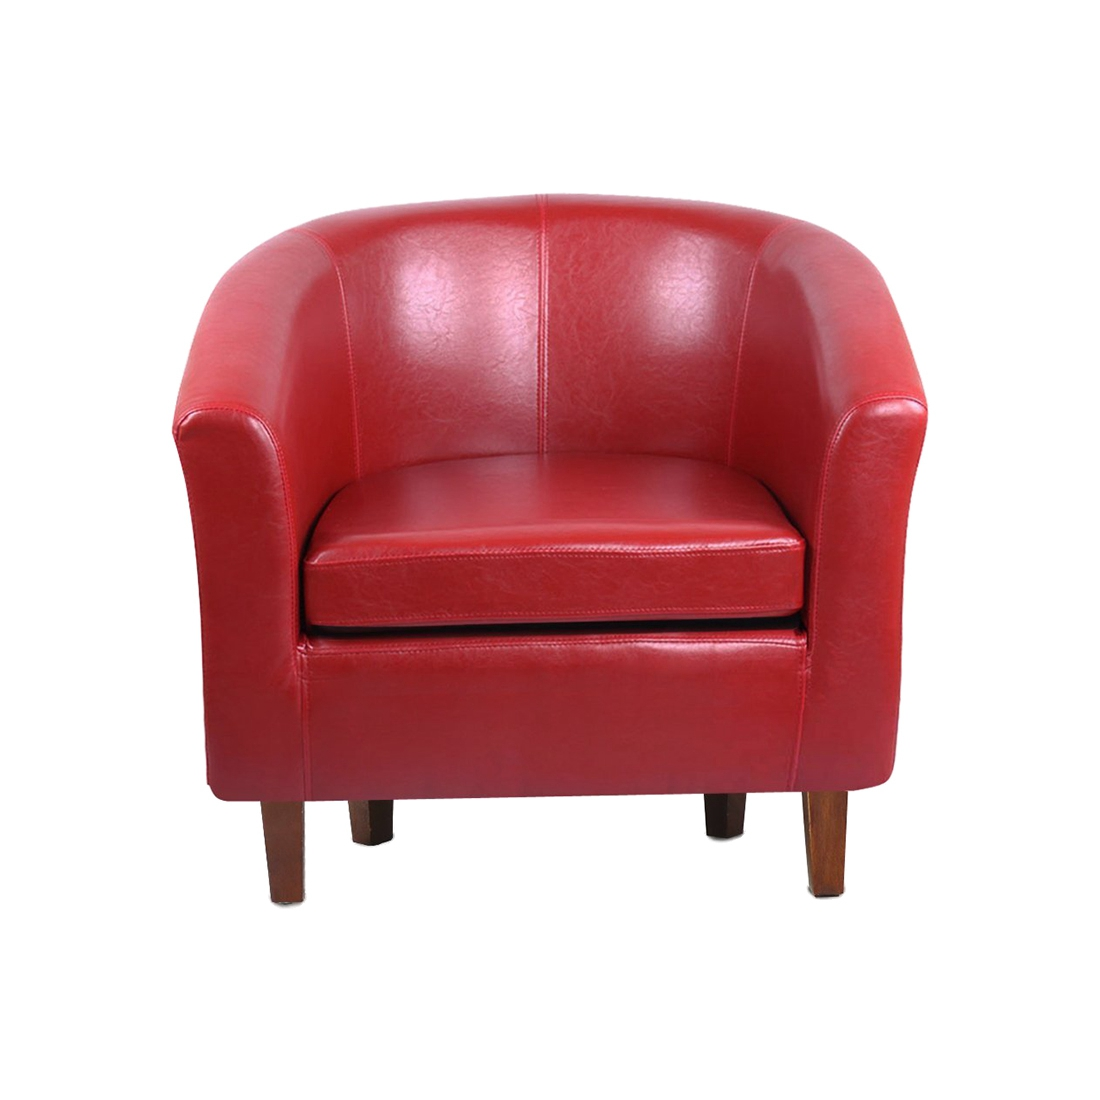 beste leder badewanne stuhl sessel fr esszimmer wohnzimmer broaufnahme rot - Esszimmer Sessel